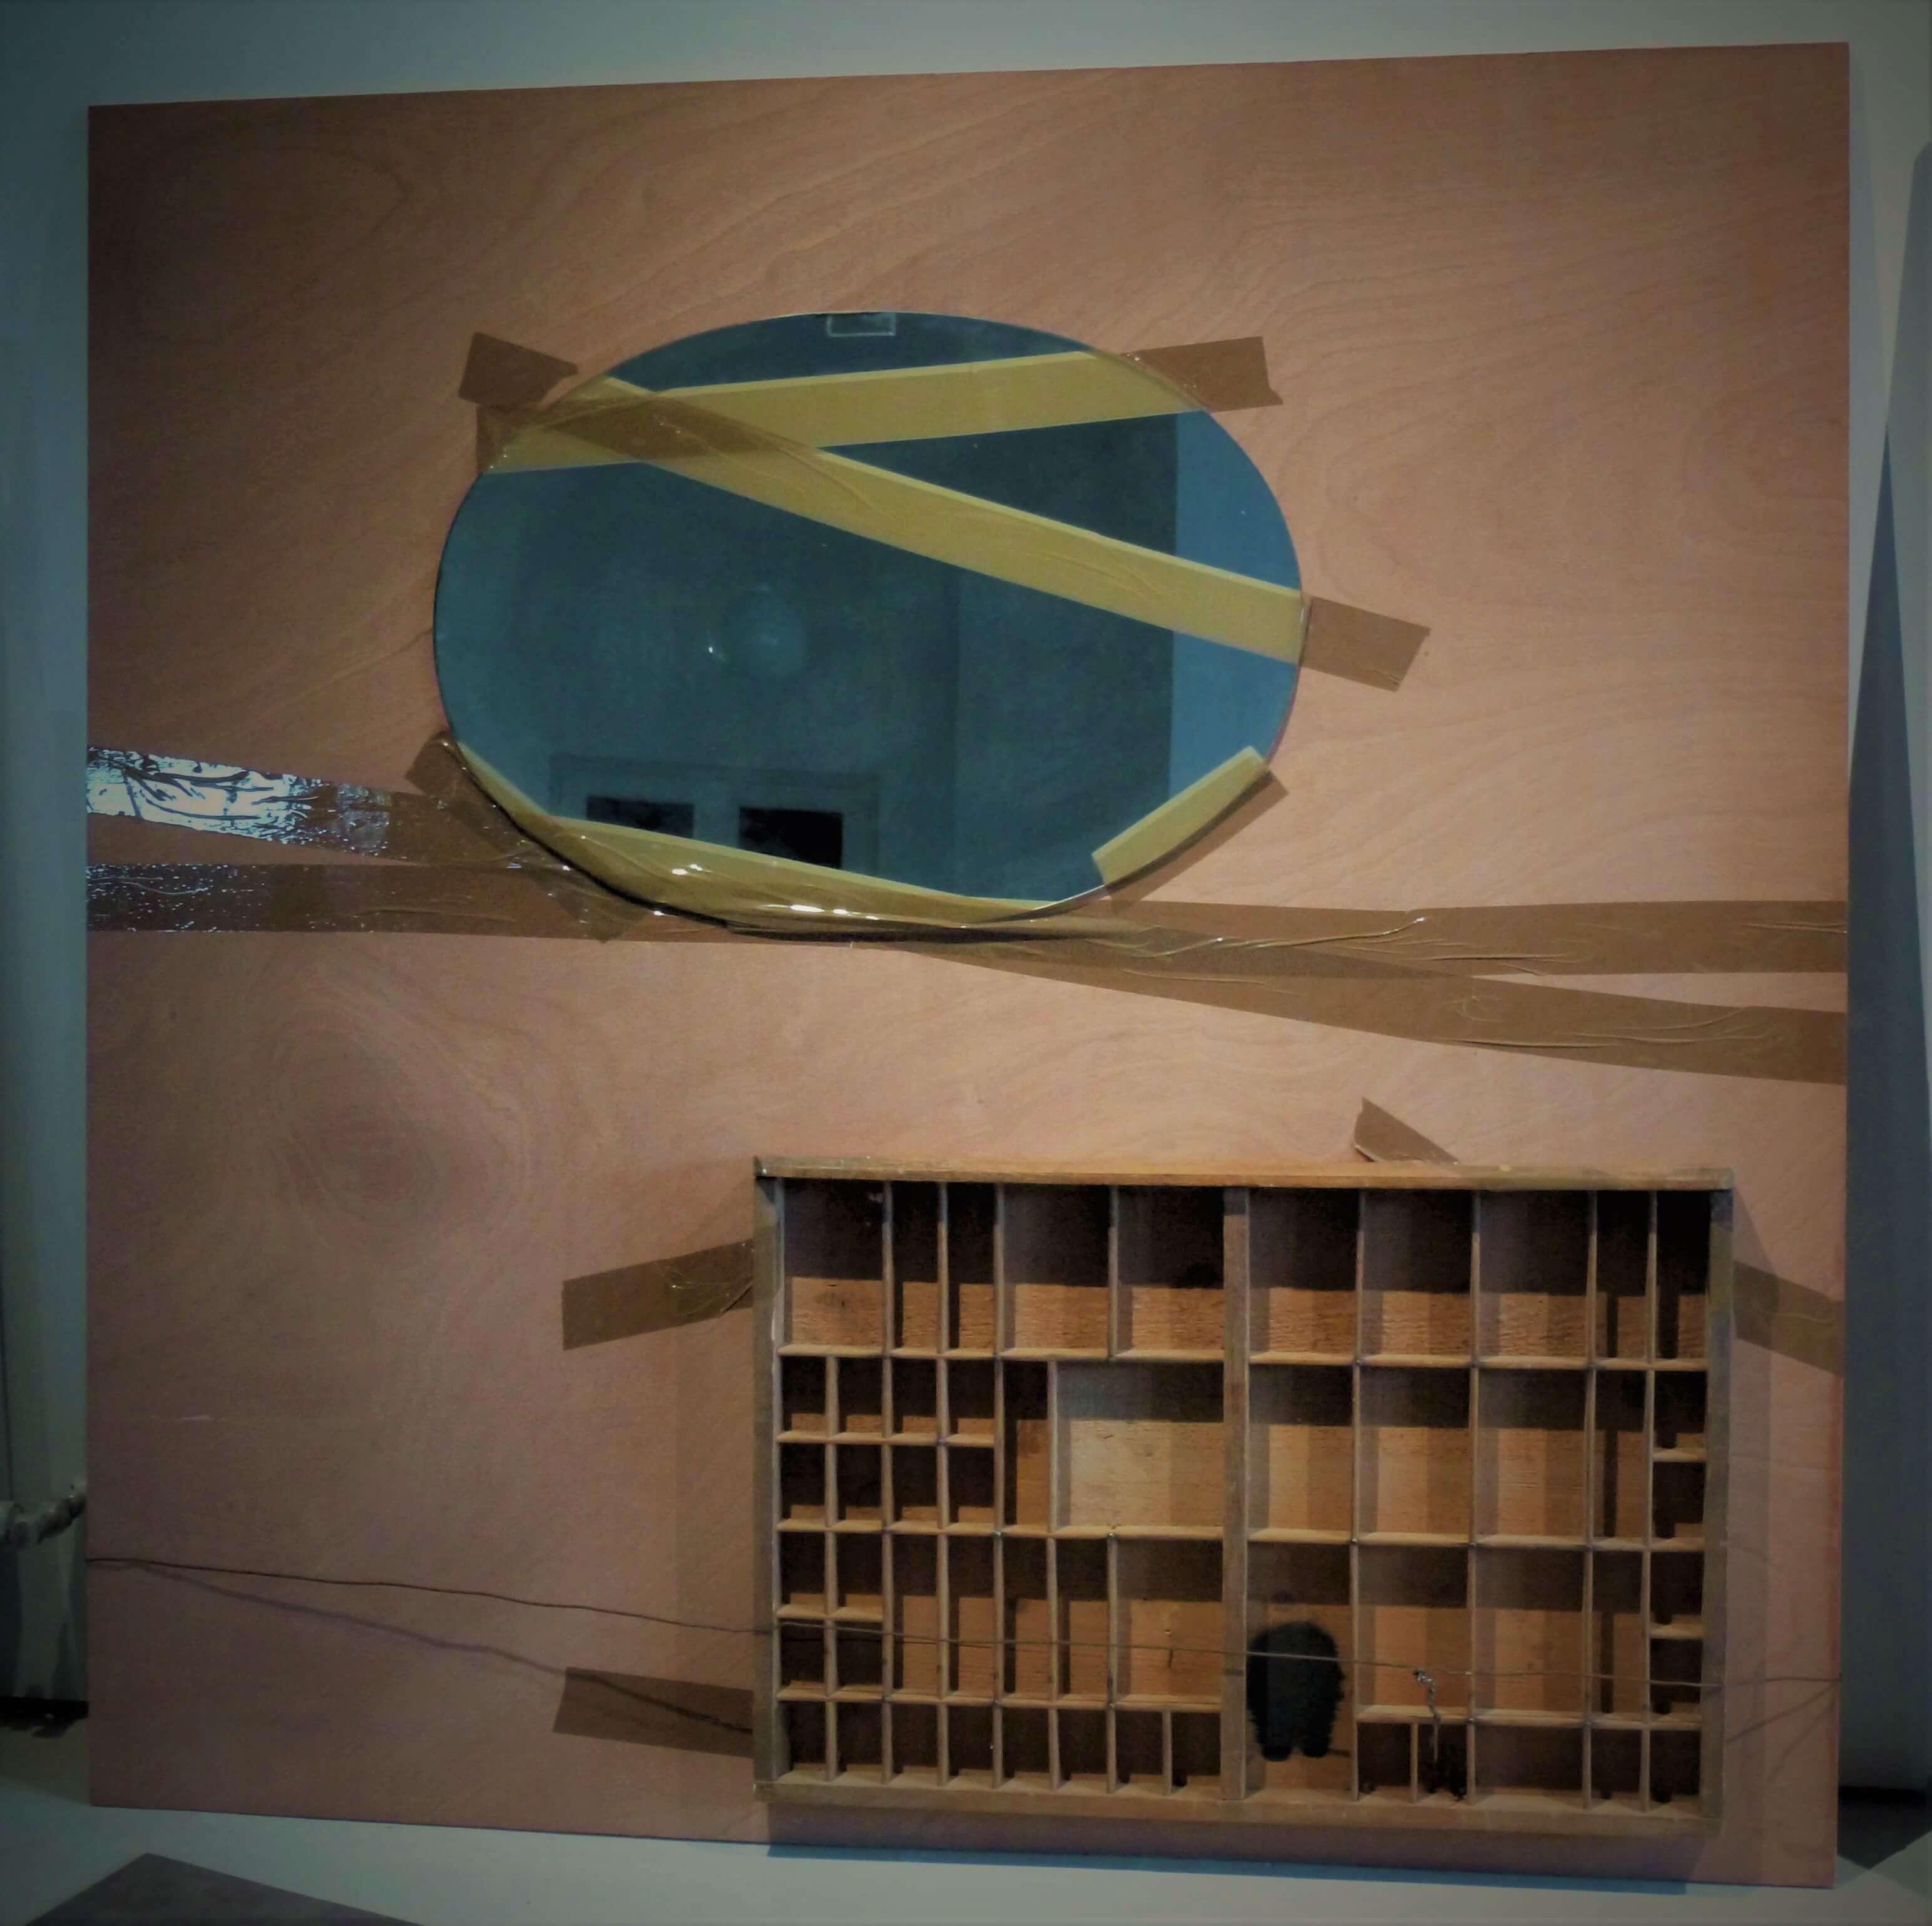 « Borges ou la défaillance du Logos » miroir, casier d'imprimeur, encre noire, fil de fer et ruban adhésif d'emballage sur bois, 122 x 122 cm, 2017